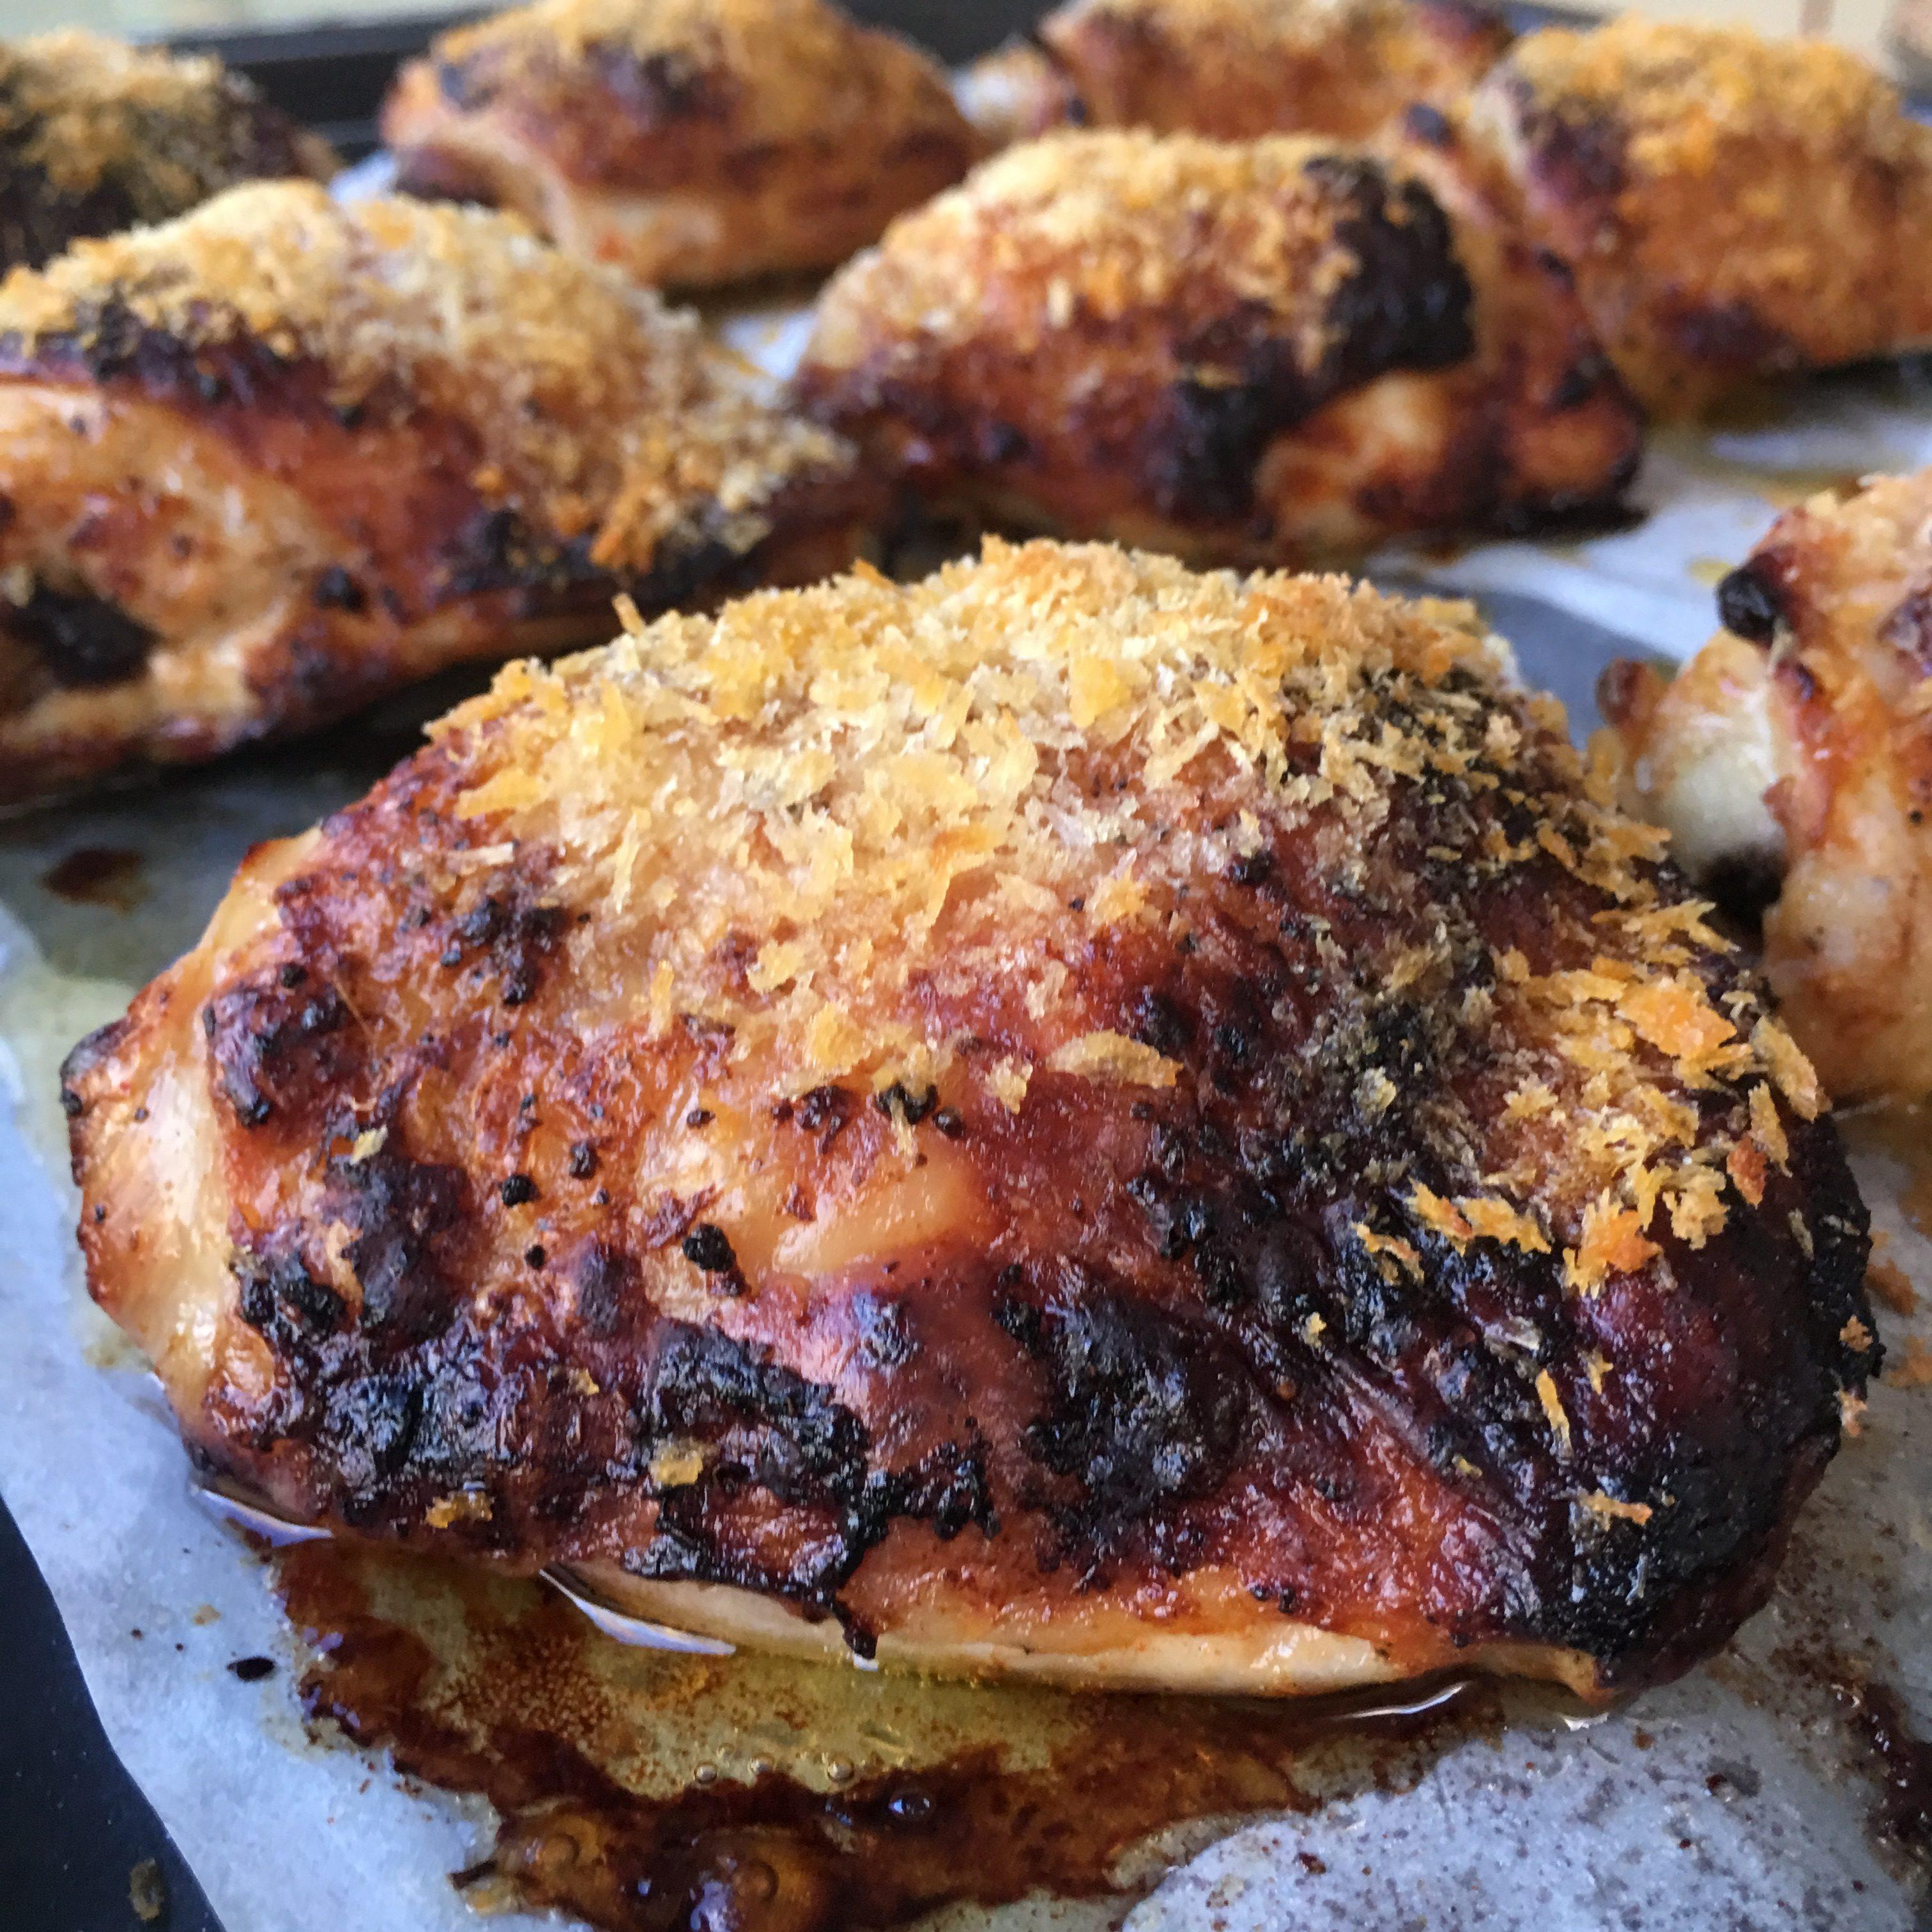 'Fried' Buttermilk Chicken Thighs